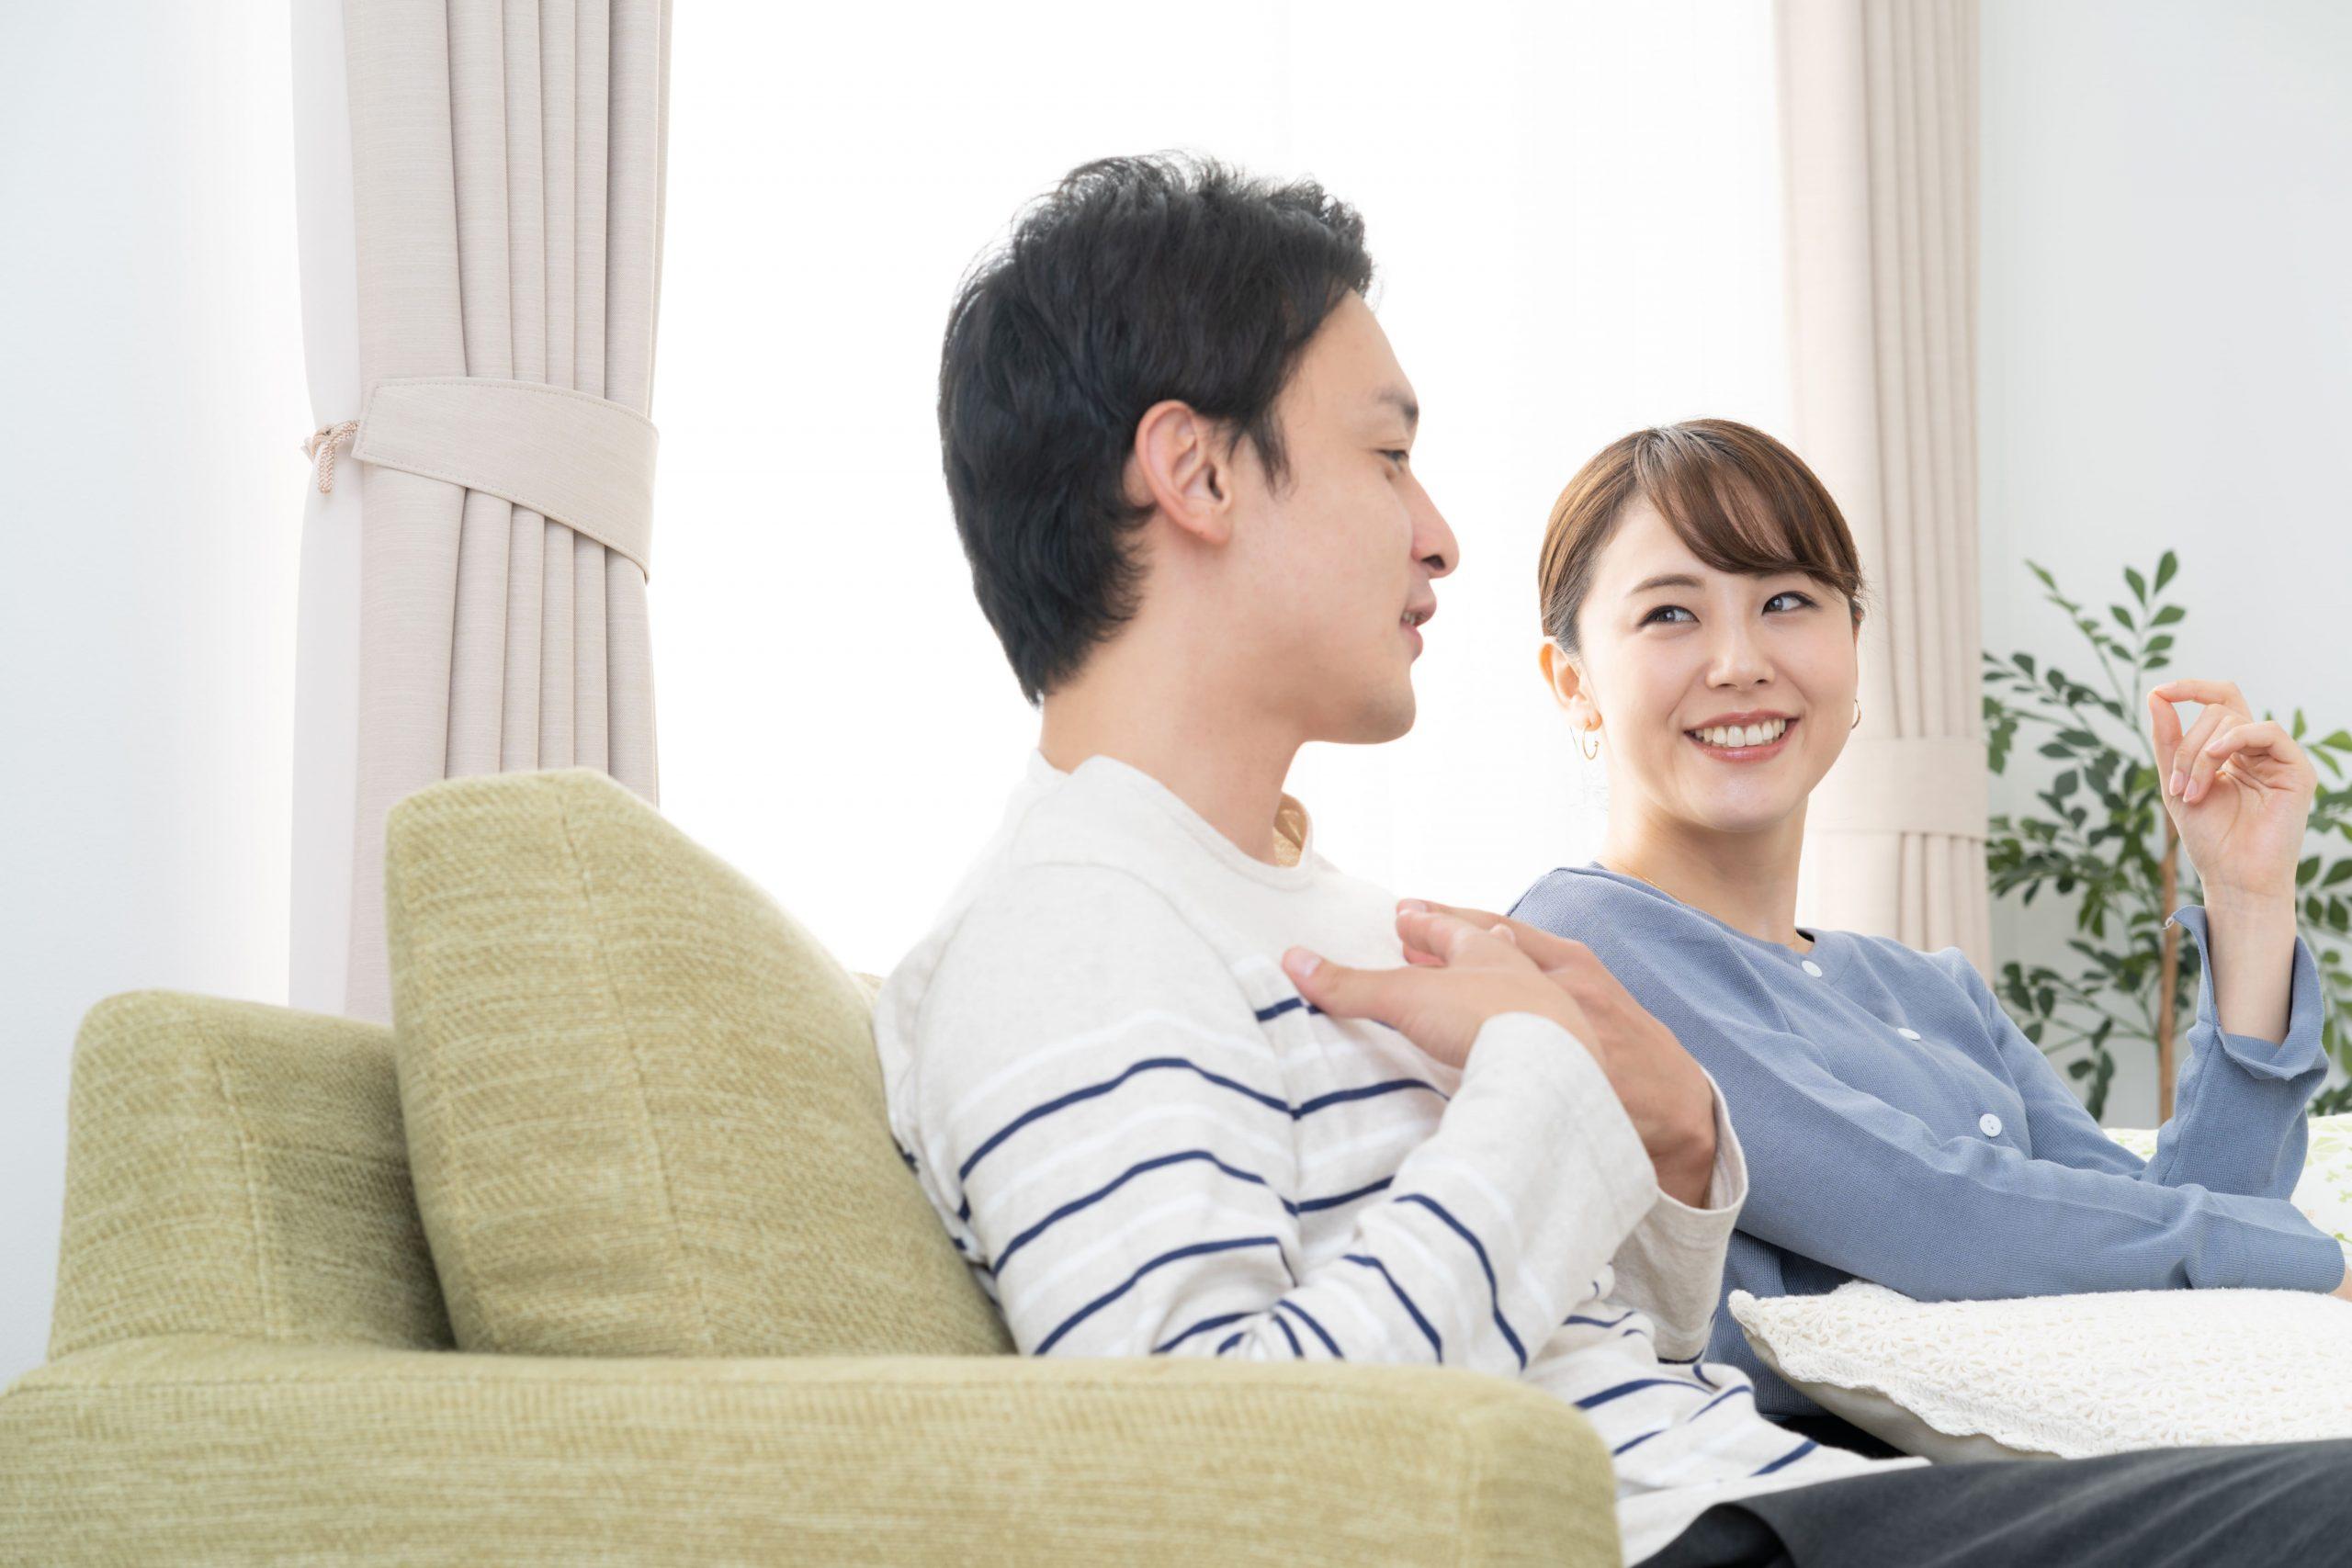 両親への結婚の挨拶、失敗しないためにカップルで知っておきたいこと